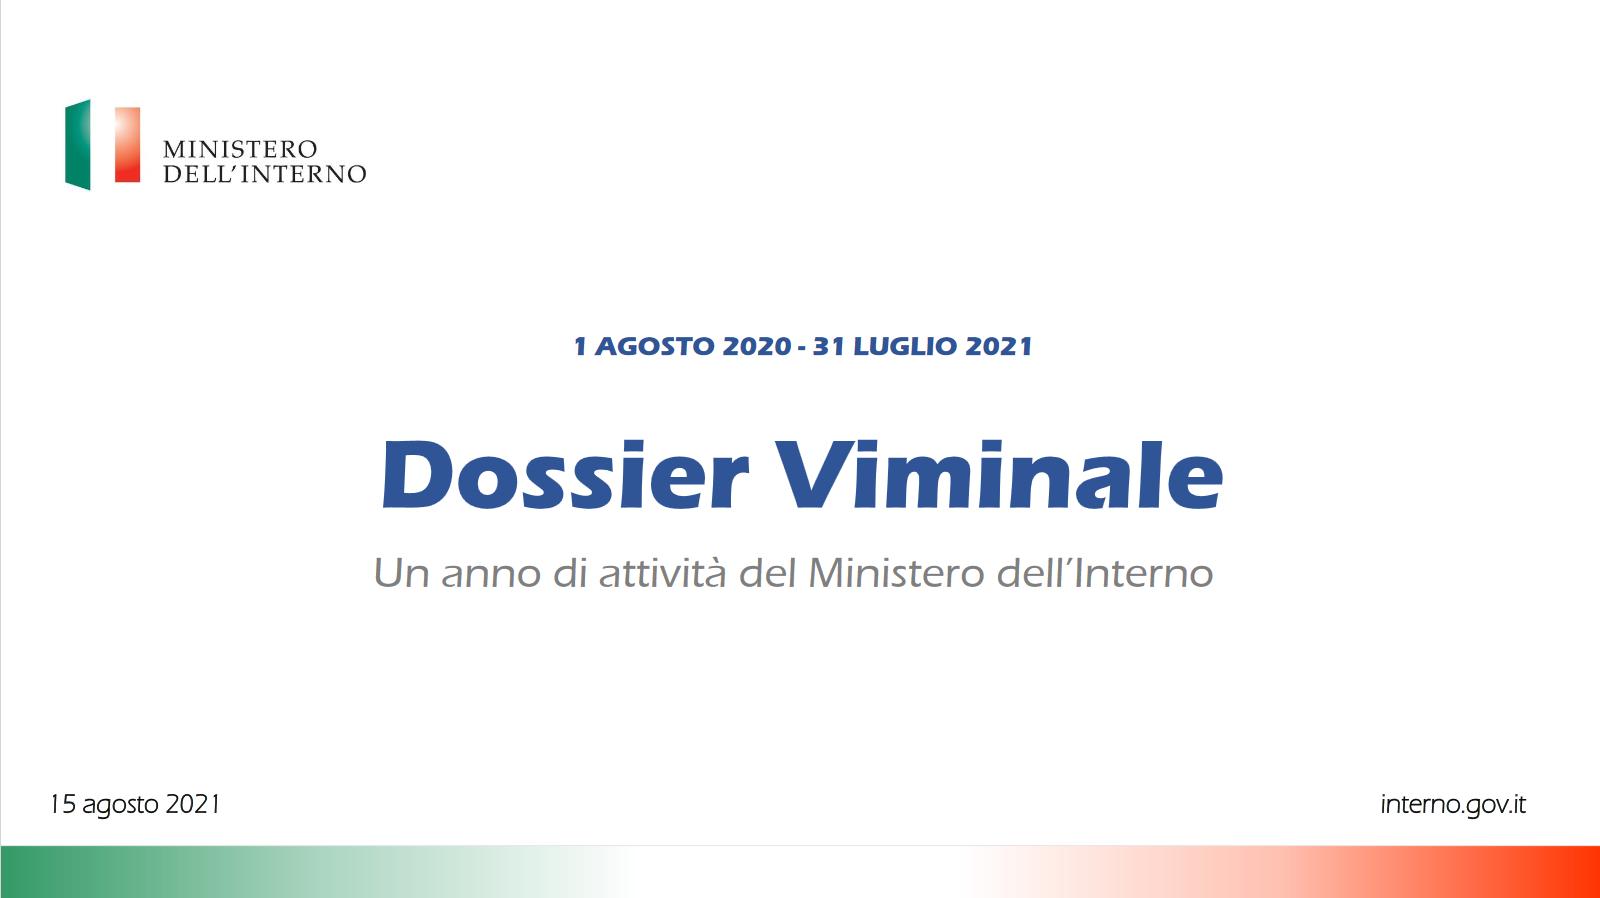 Dossier Viminale - Ferragosto 2021